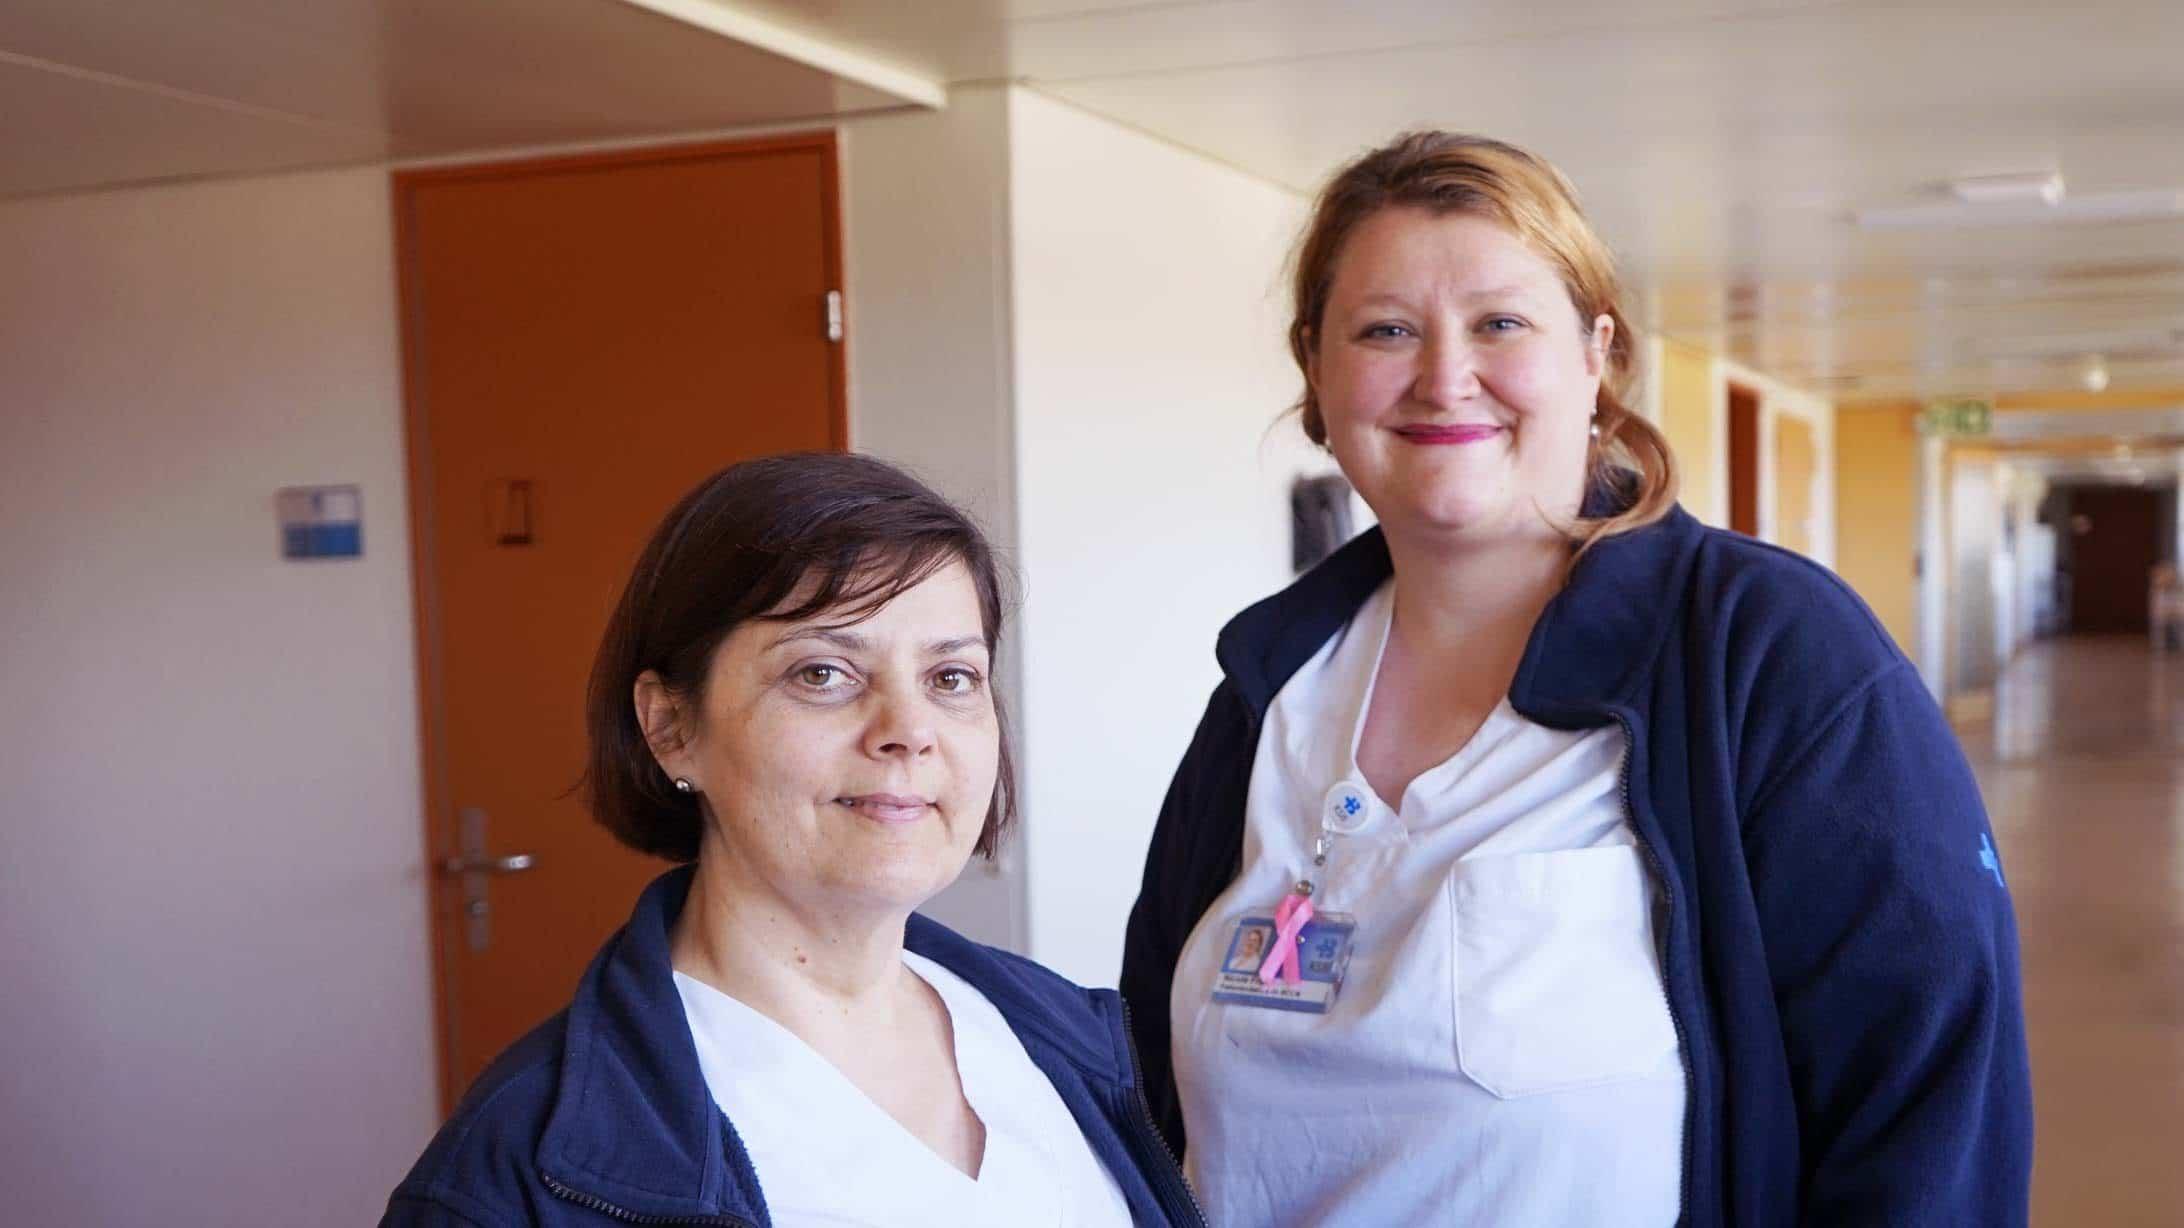 Nicole Frehe und Petra Fischer, Breast and Cancer Care Nurses am KSB, unterstützen Patientinnen mit Brustkrebs.